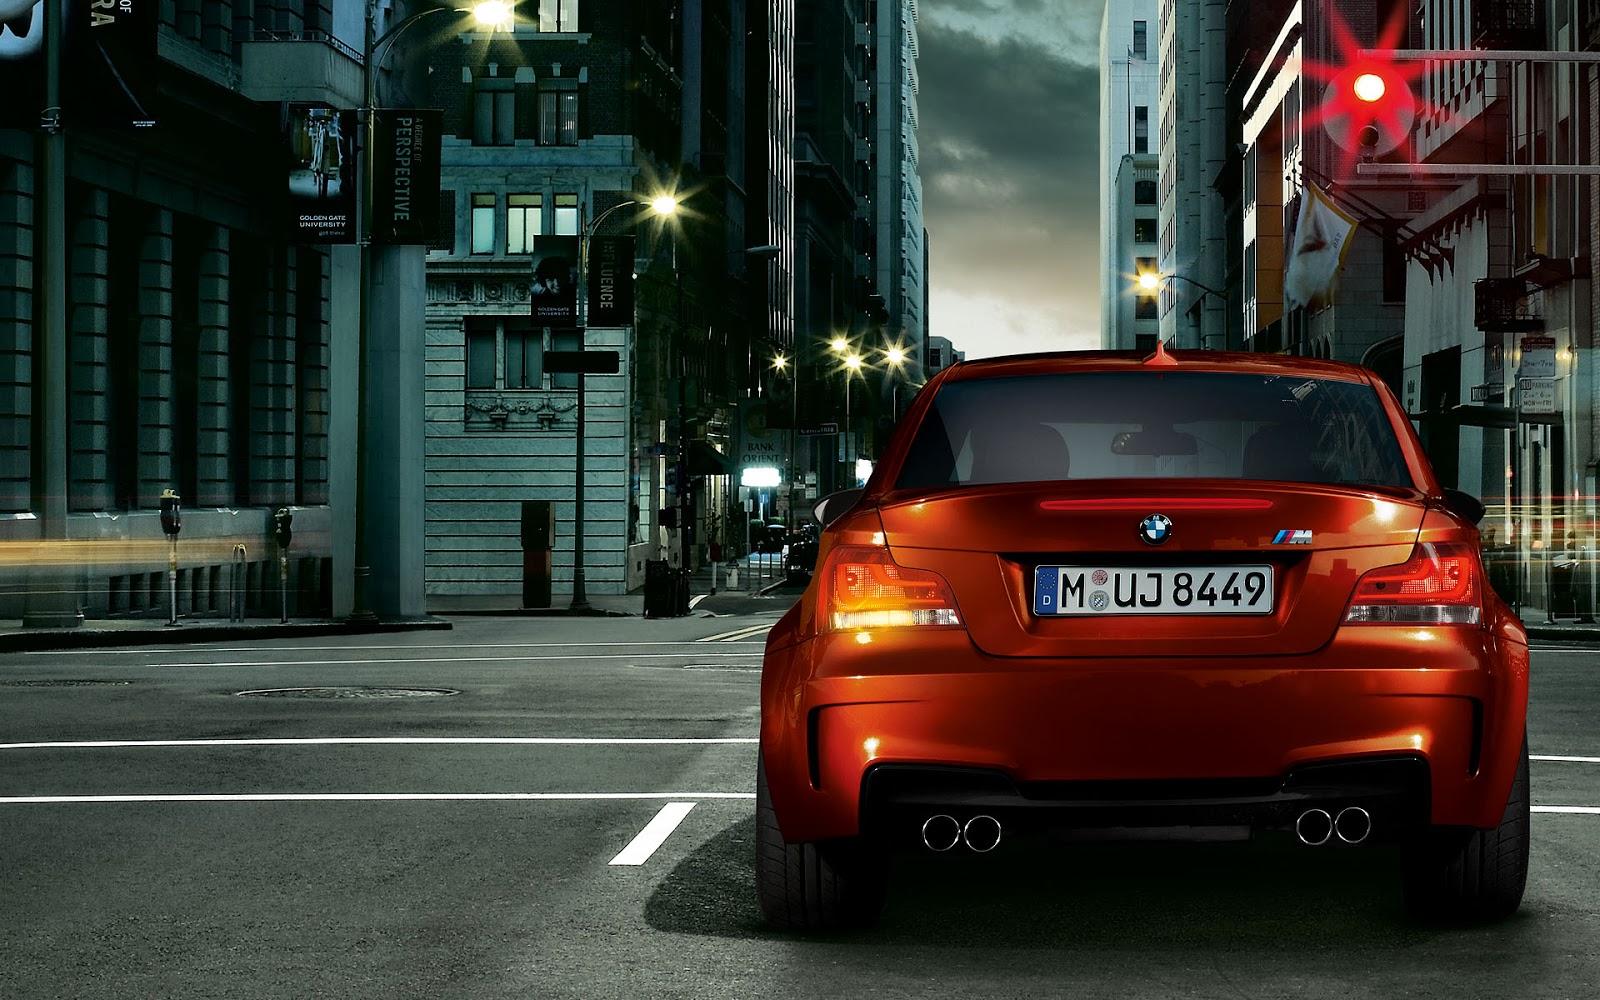 SPORTS CARS: BMW 1M Wallpaper HD